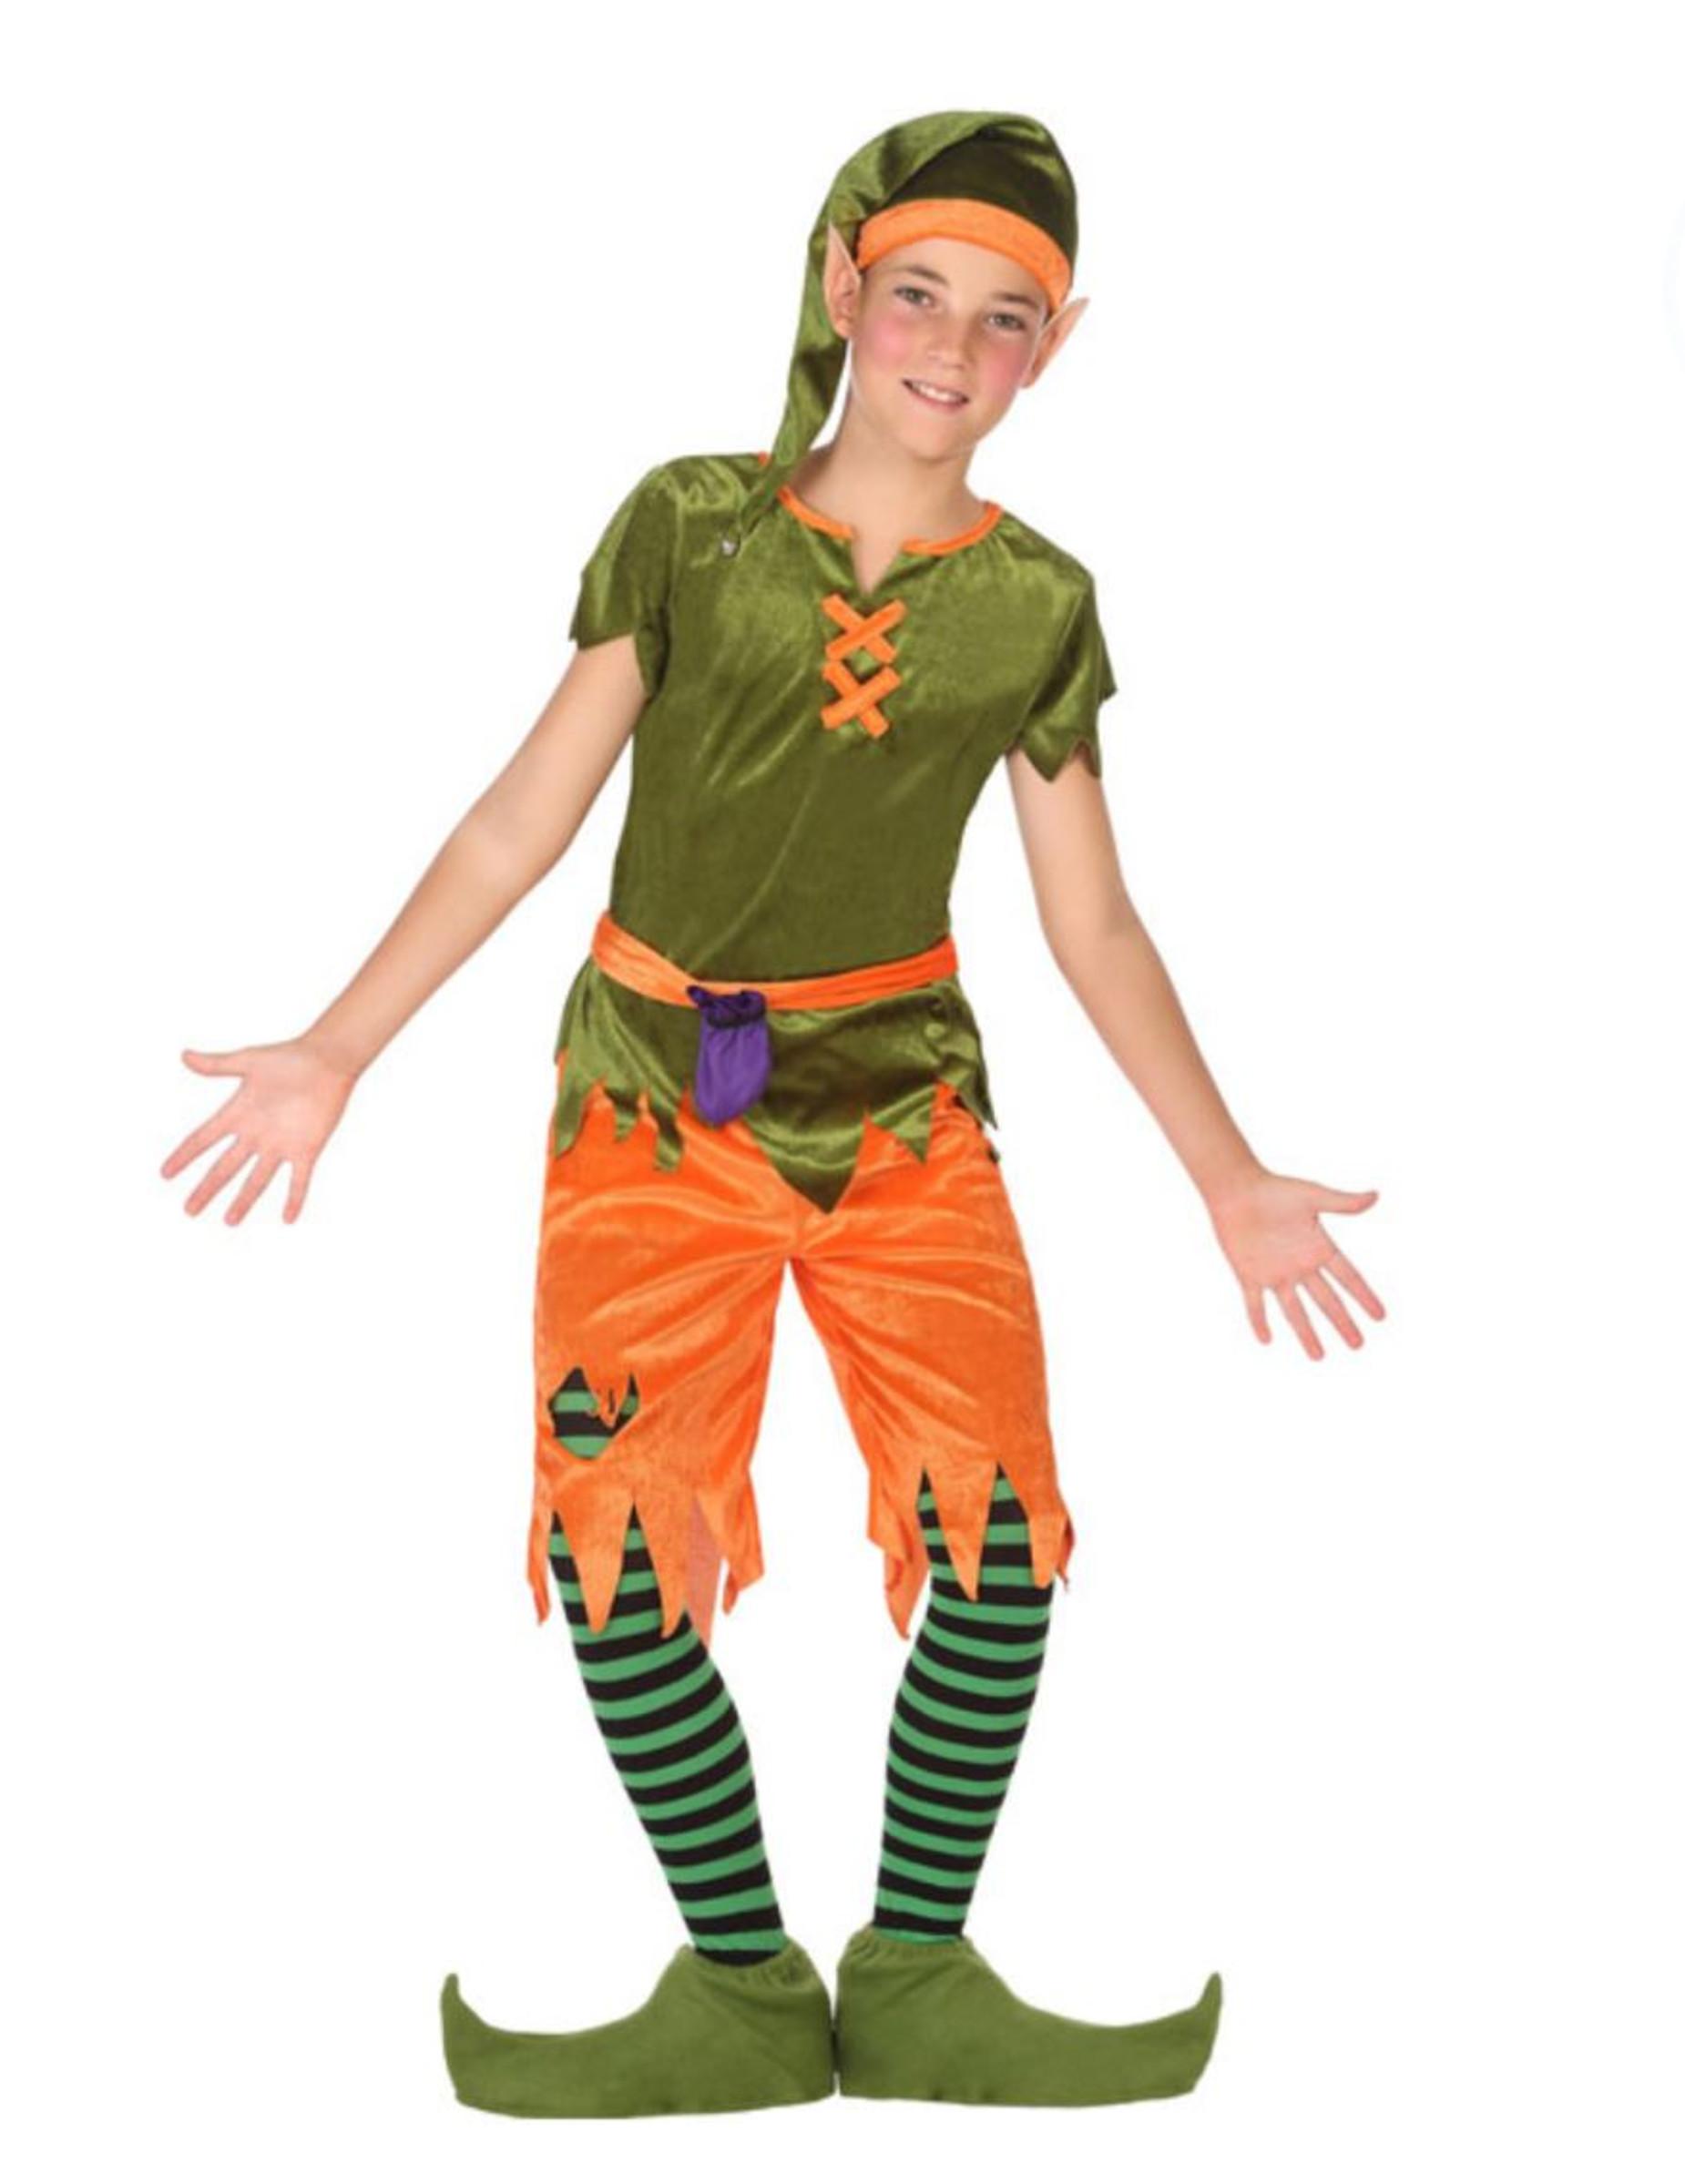 Costume folletto del bosco bambino  Costumi bambini 2691f7d9639e